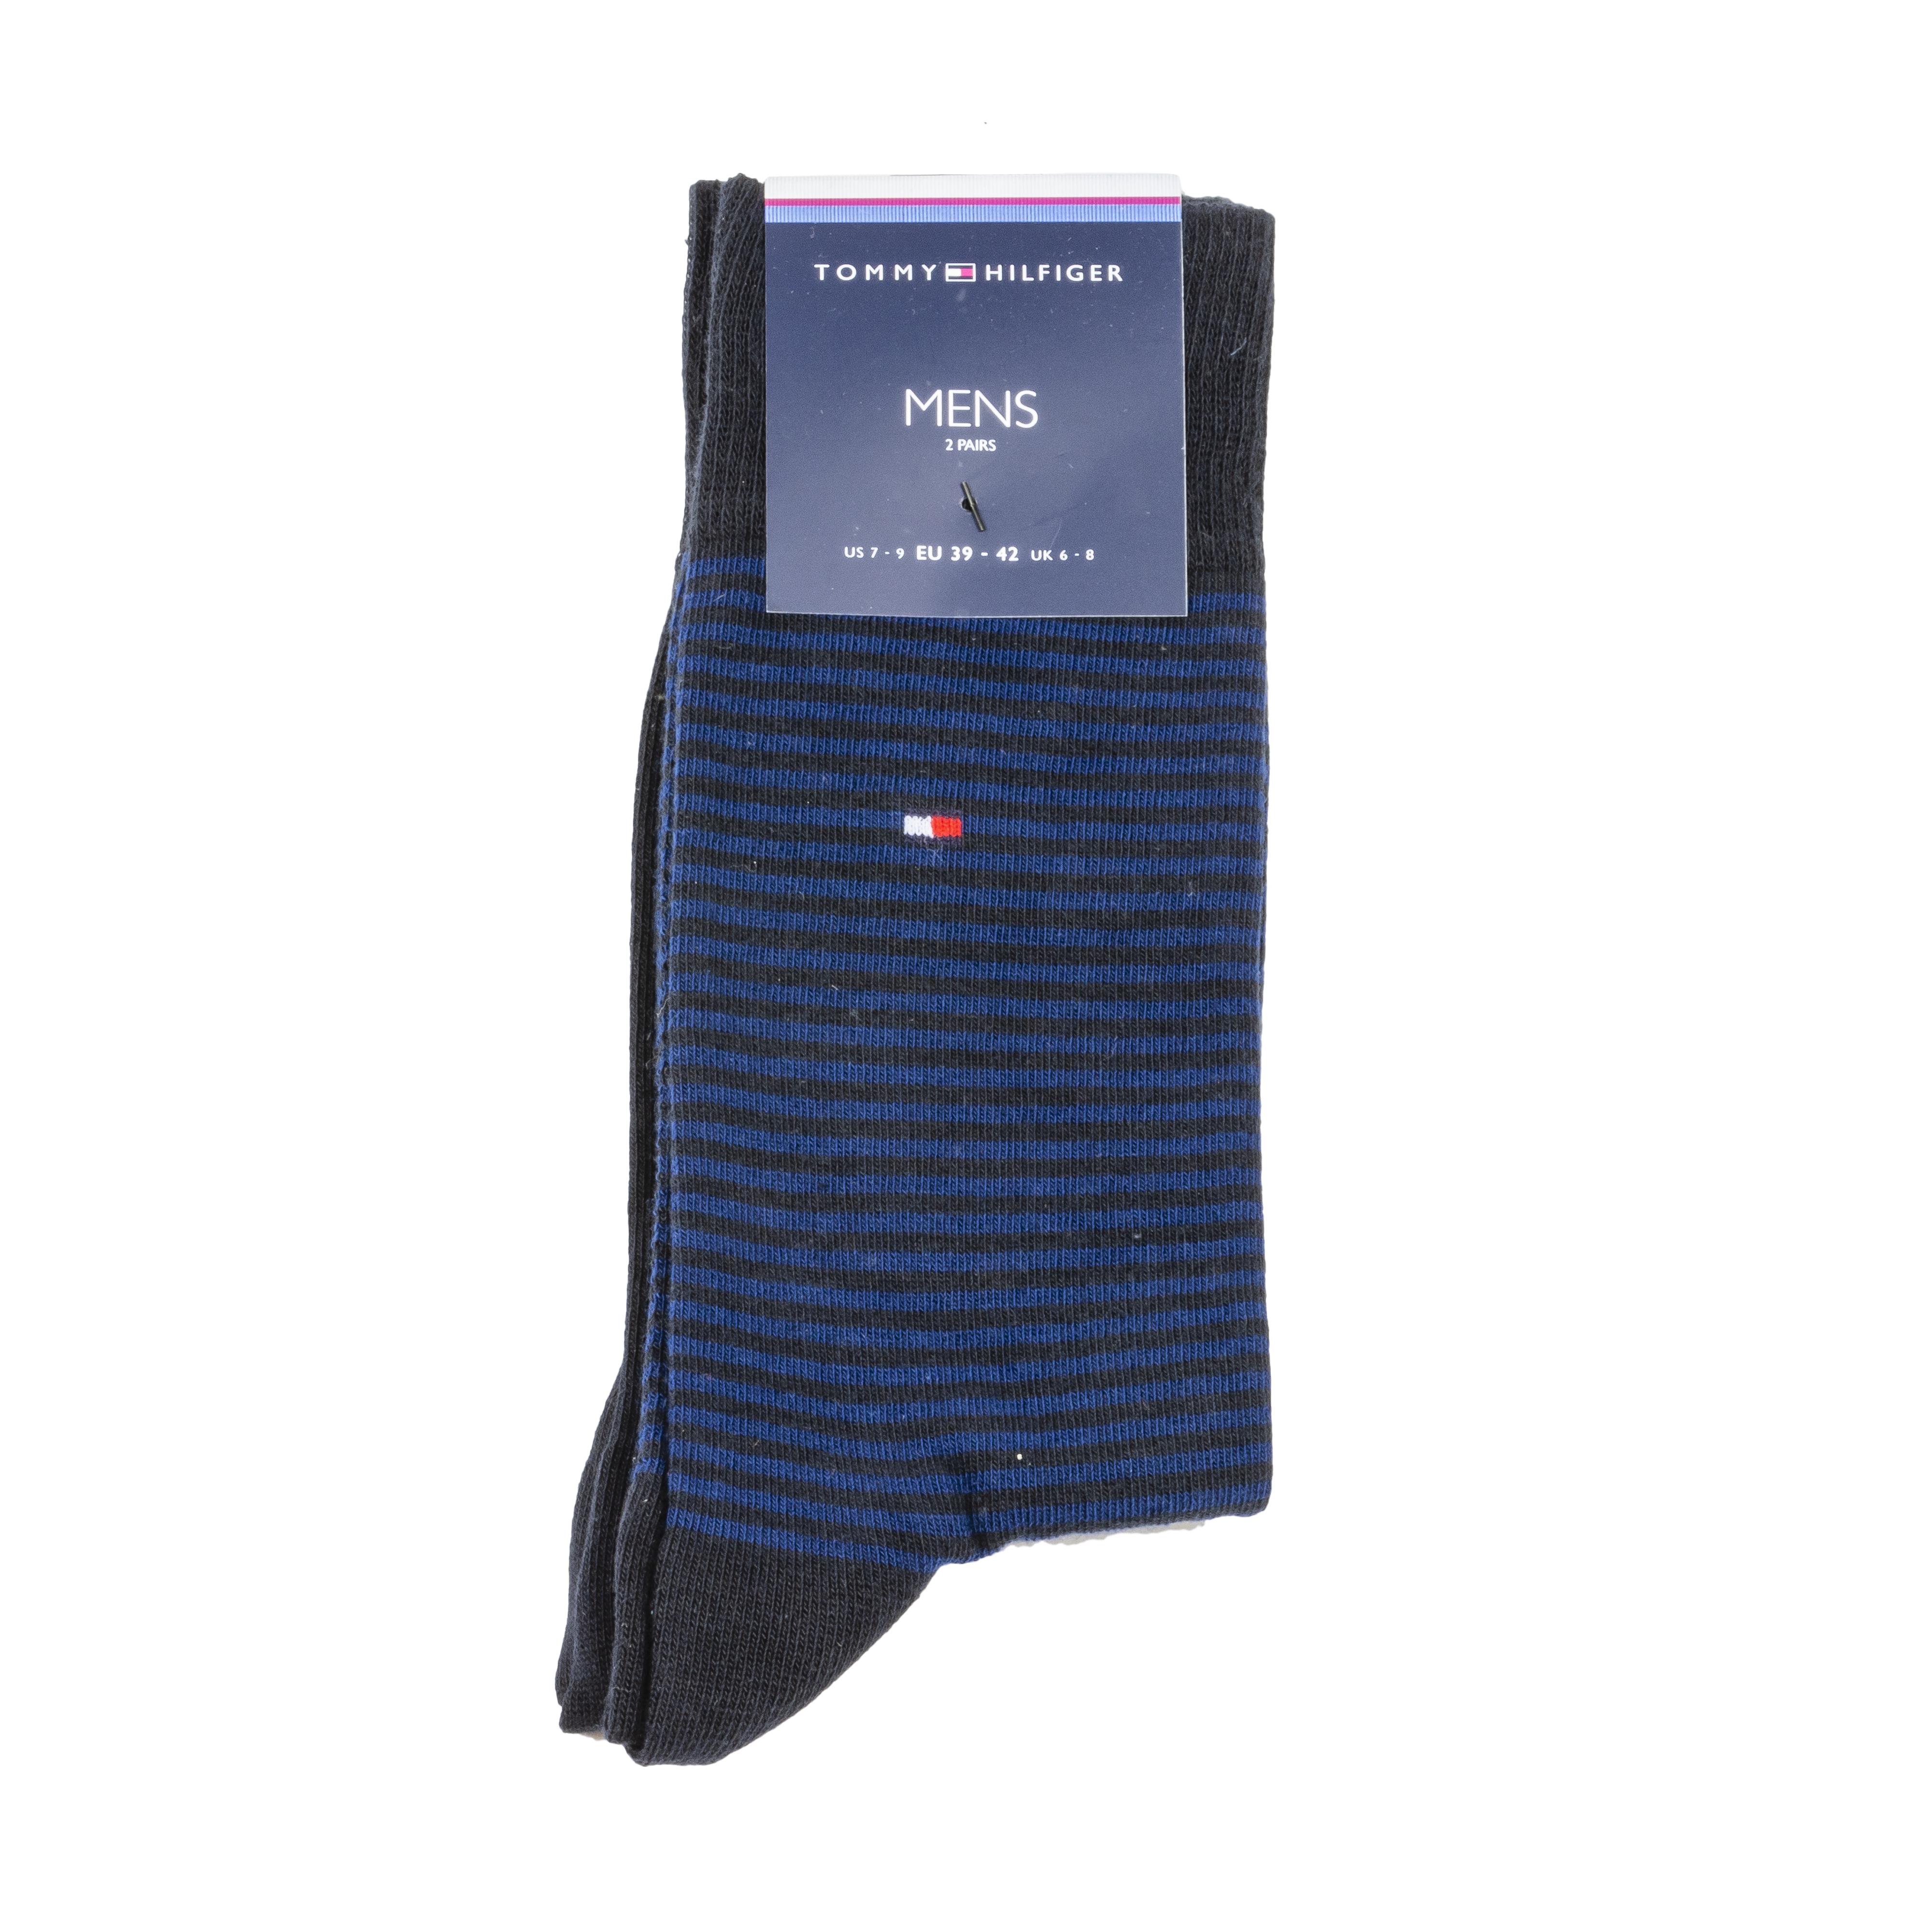 Lot de 2 paires de chaussettes hautes tommy hilfiger small stripe en coton mélangé stretch noir et noir à rayures bleues